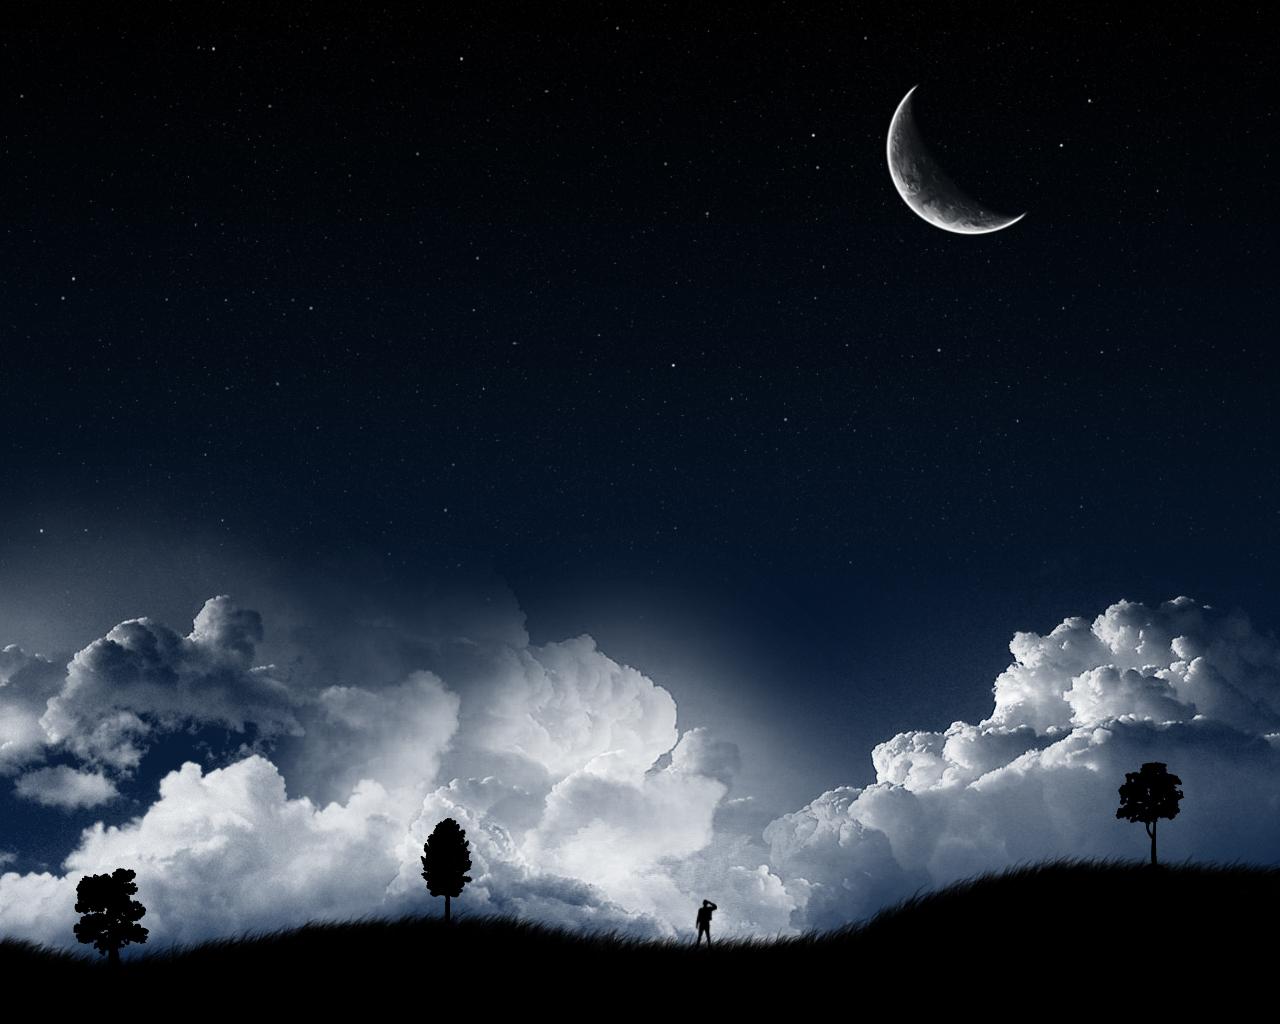 http://1.bp.blogspot.com/-EtsjVQEM8f0/Th7mwV4SZEI/AAAAAAAAGo0/DsjzsTrgnjI/s1600/dark+wallpaper5.jpg